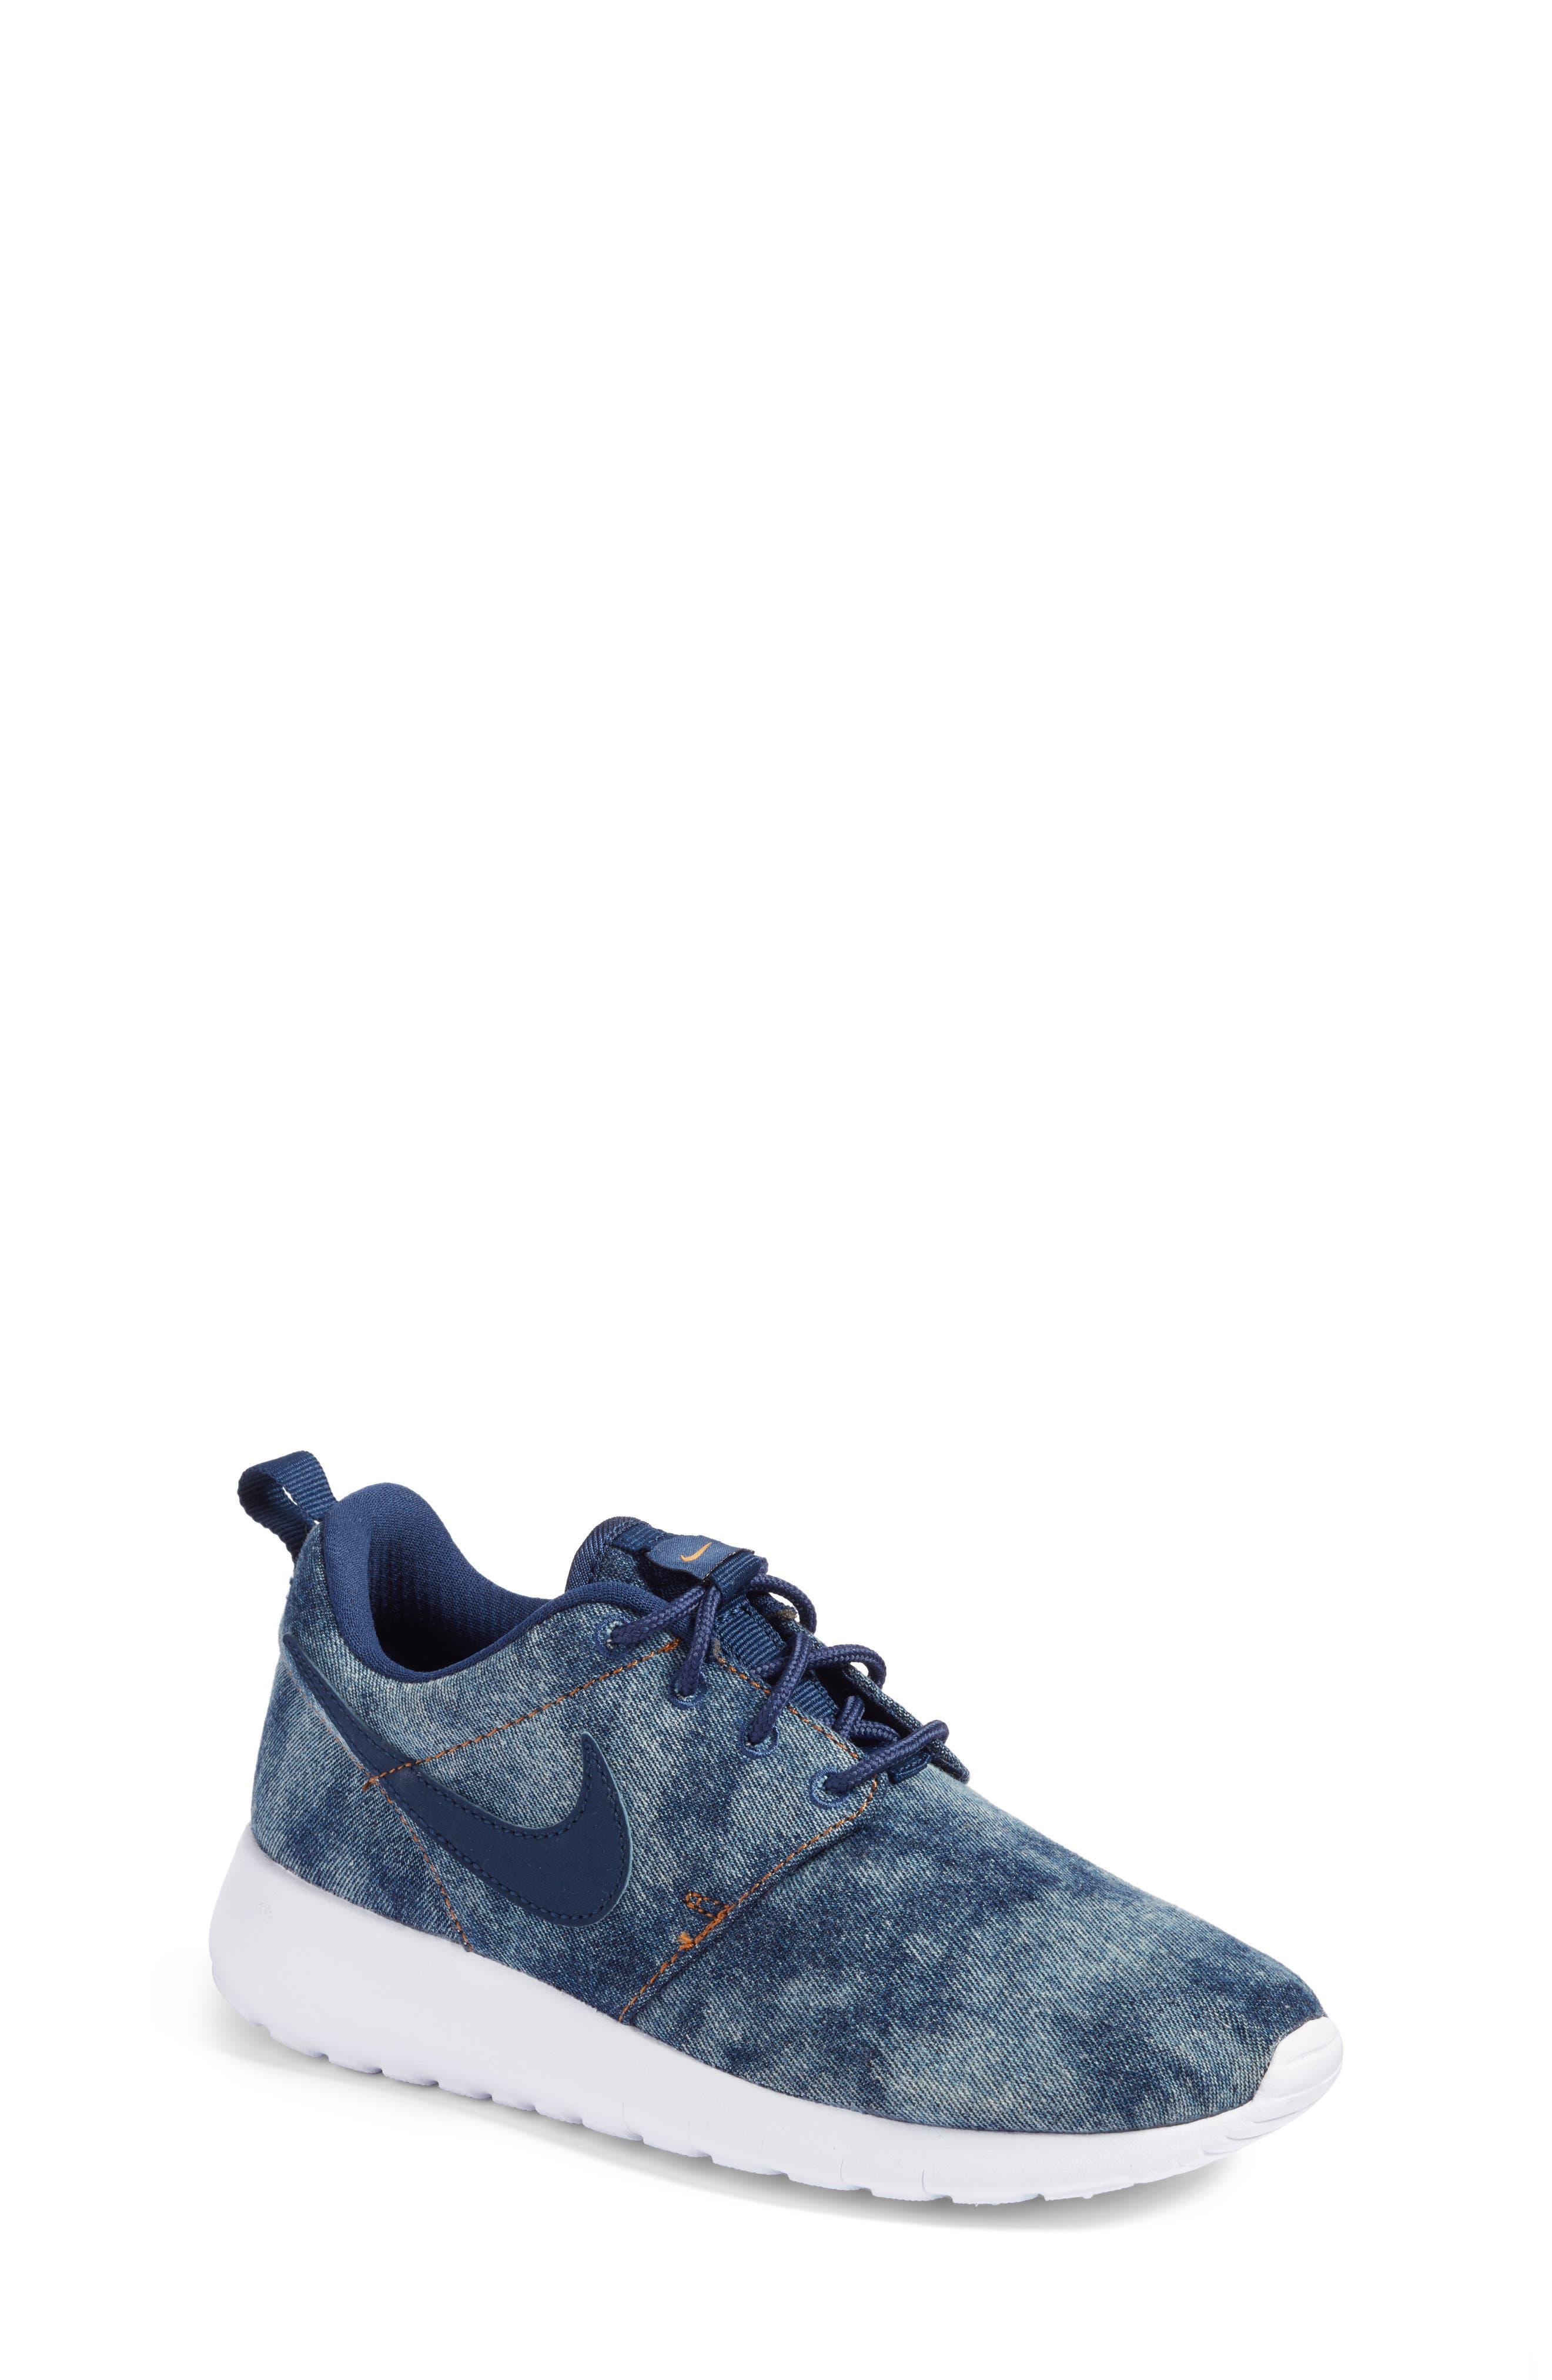 Roshe One SE Sneaker,                         Main,                         color, 400